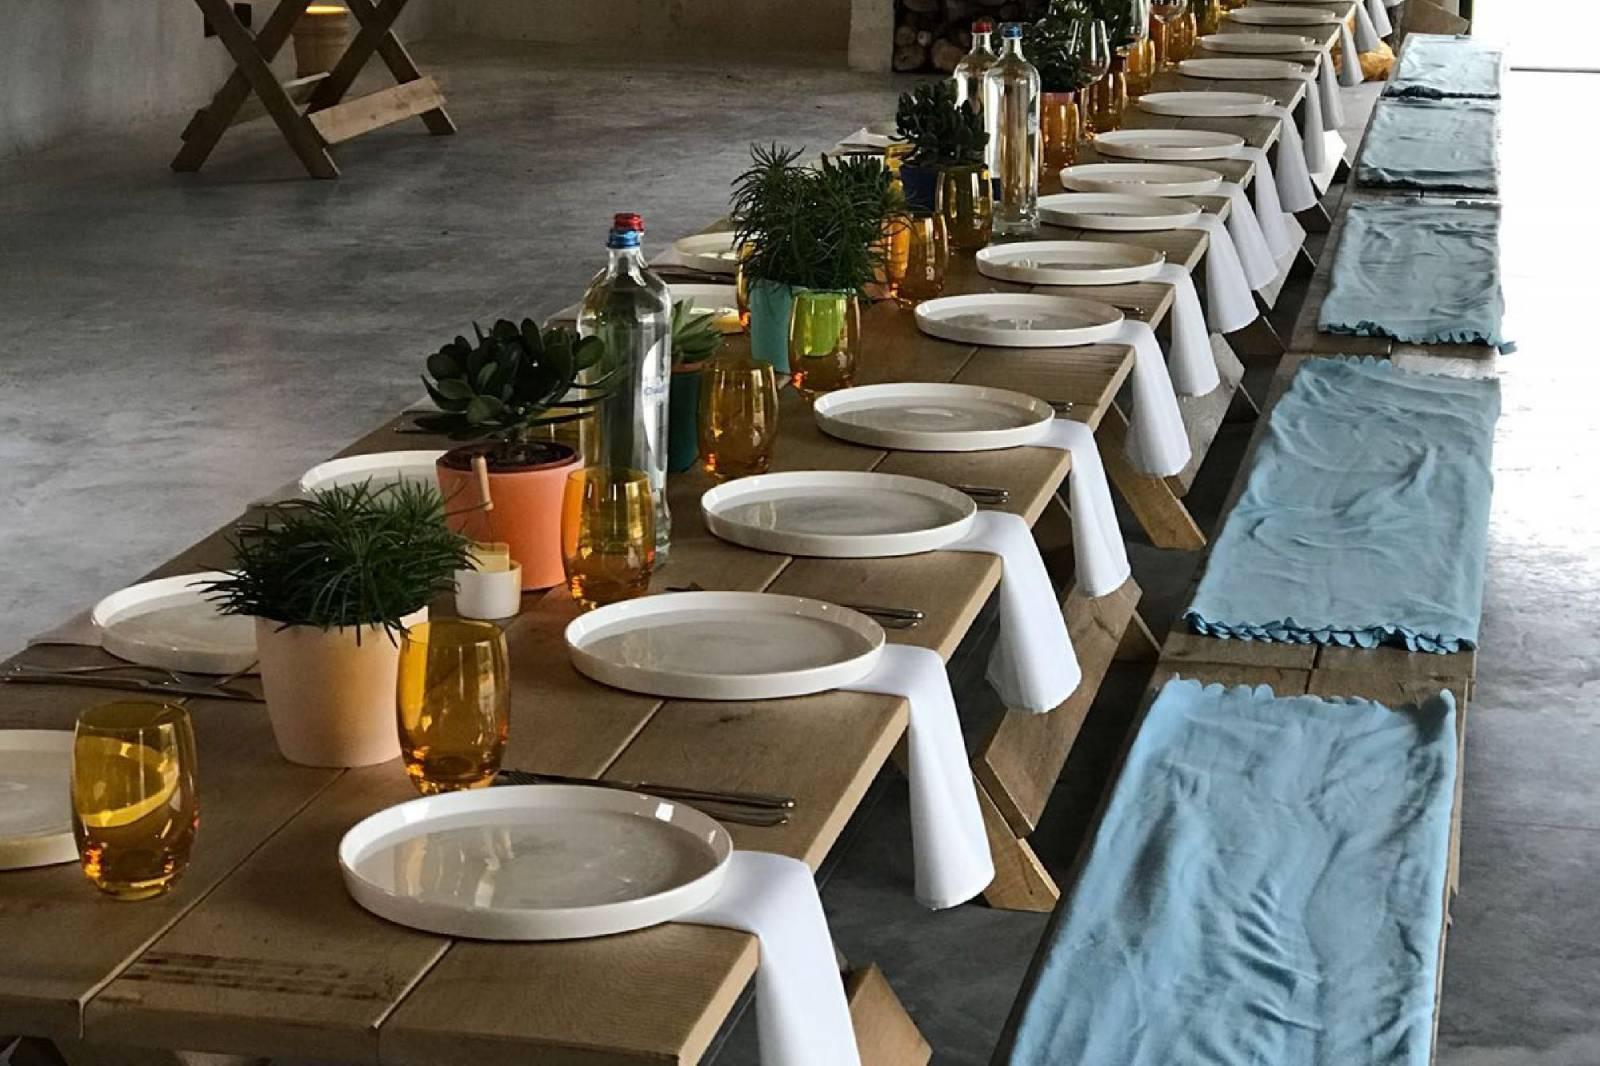 TGoed Quaethem - Feestzalen - House of Weddings - 6